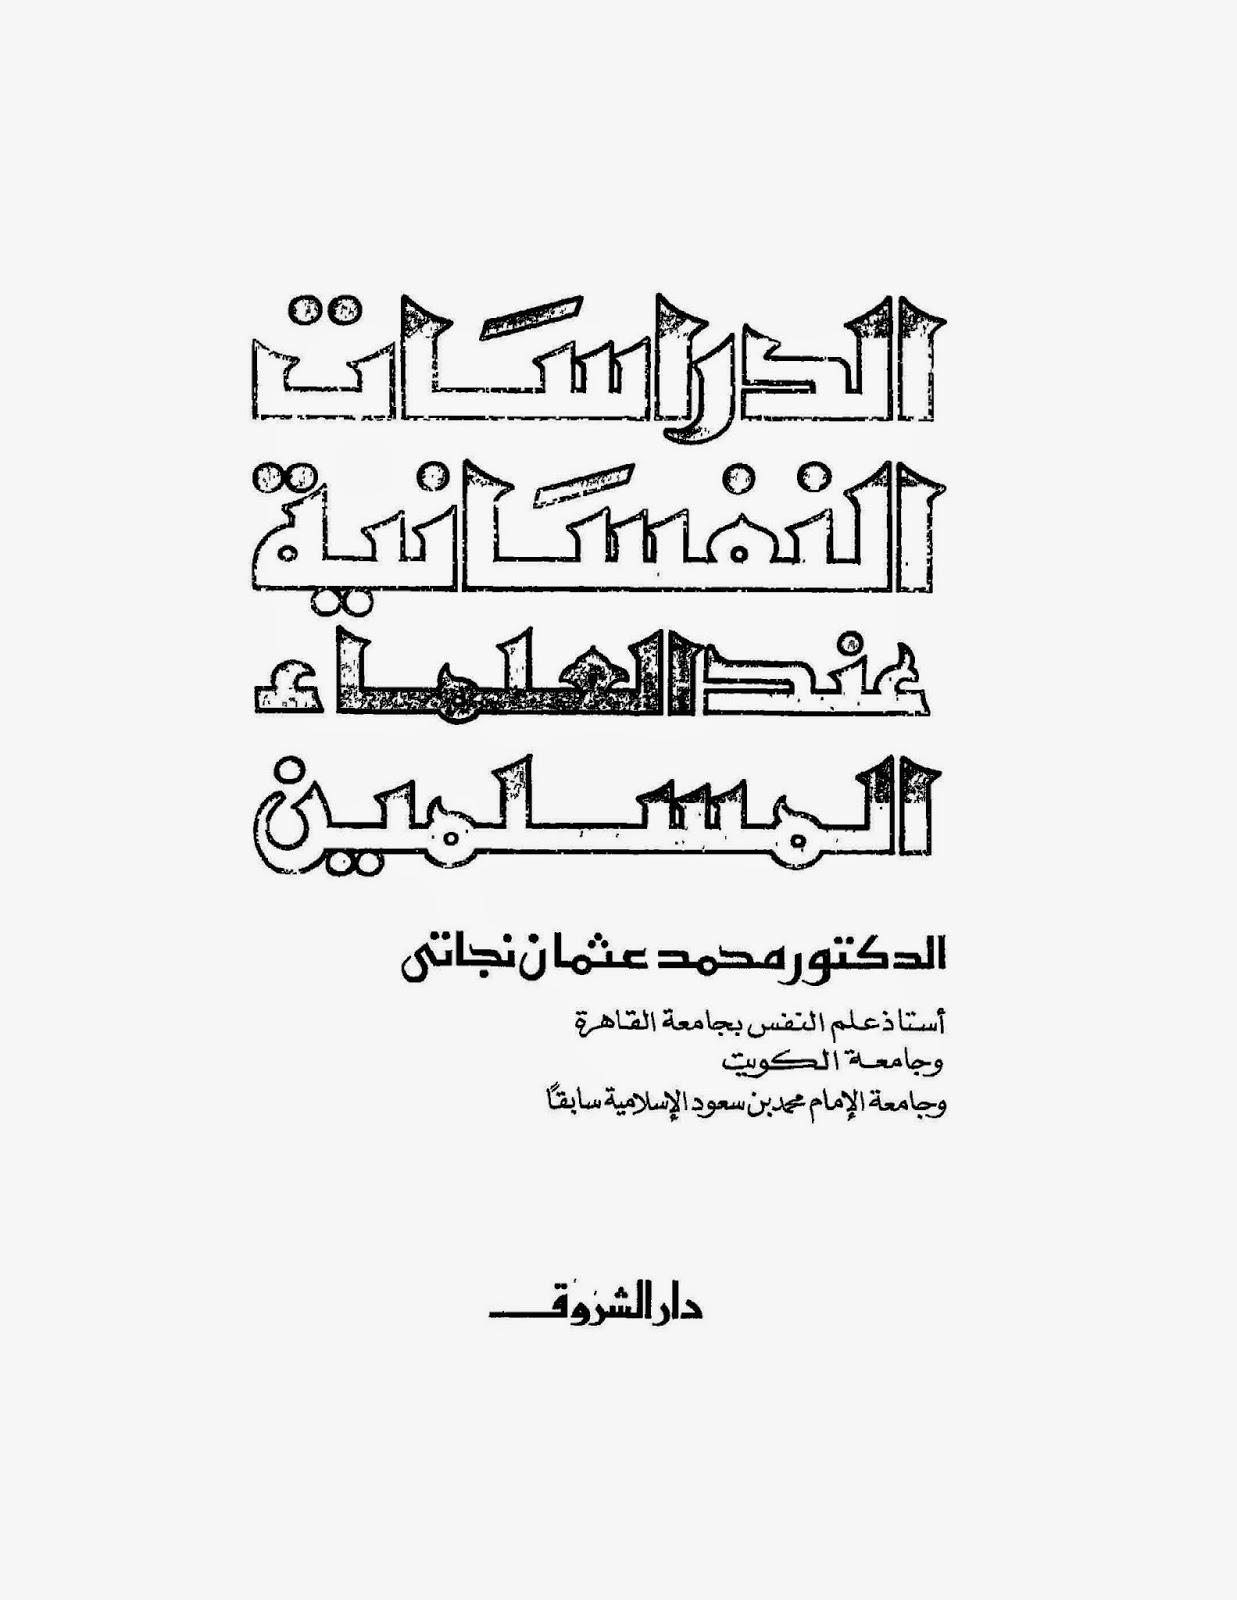 الدراسات النفسانية عند العلماء المسلمين لـ محمد عثمان نجاتي